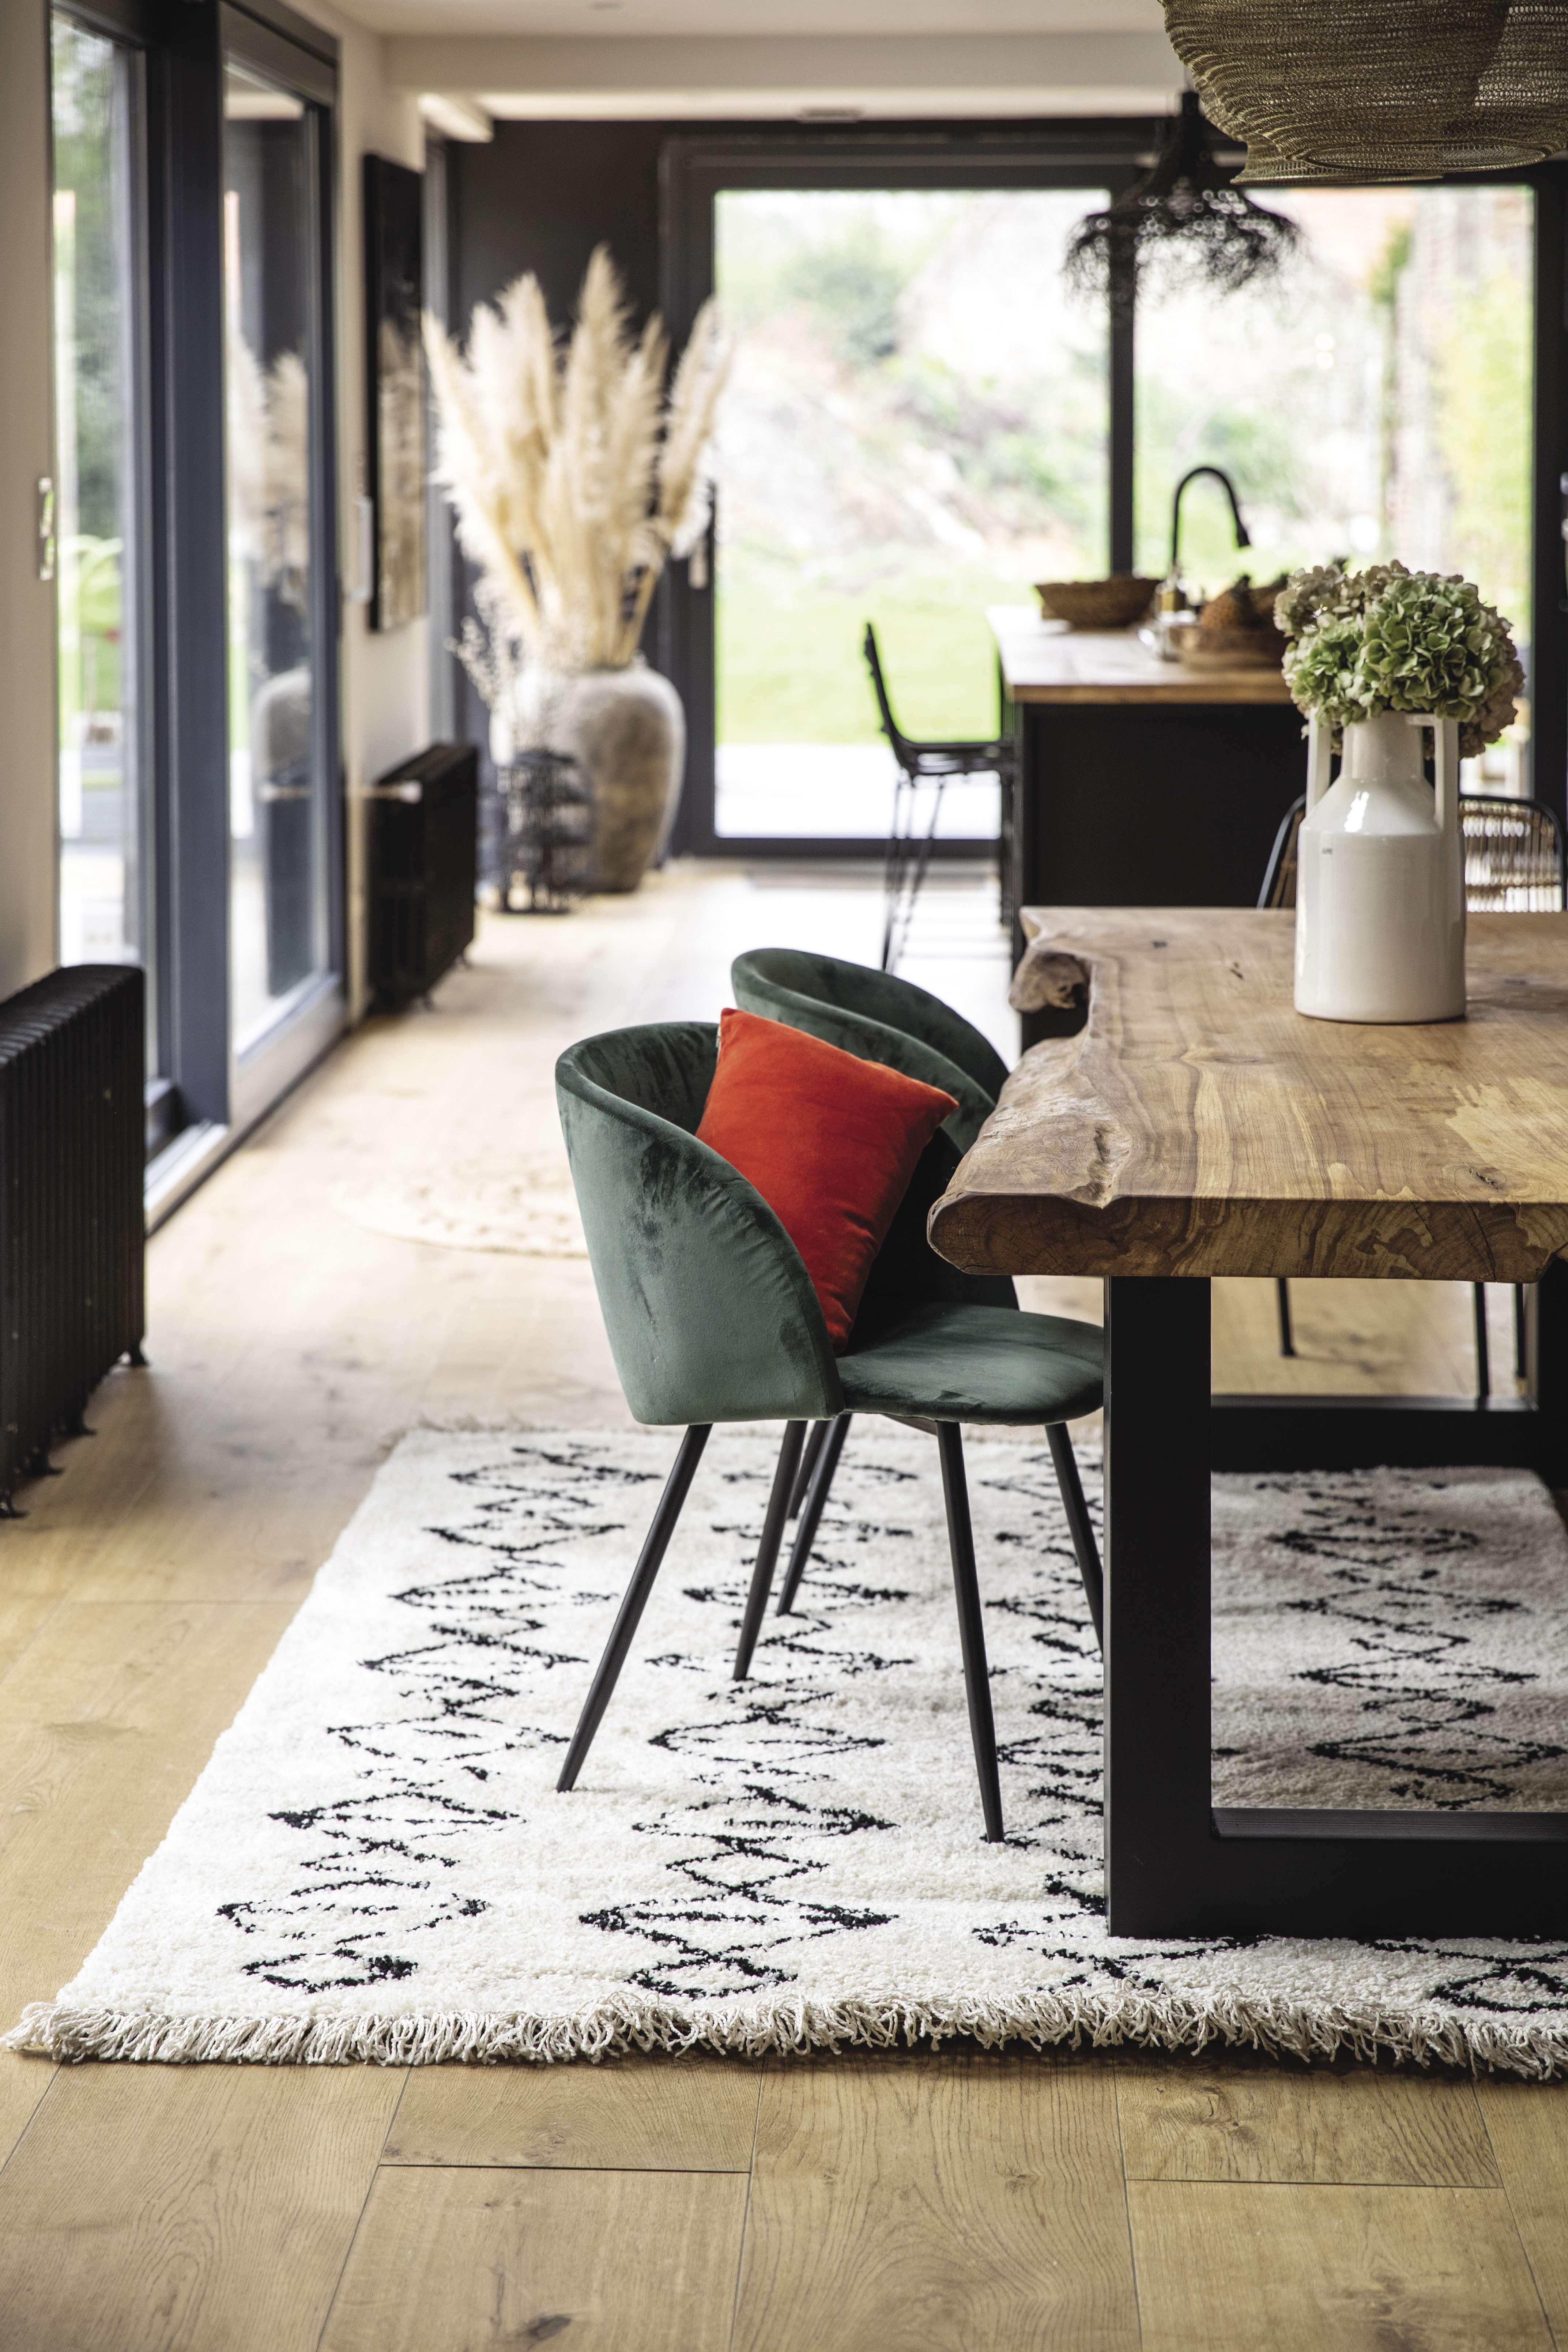 Table plateau bois brut dans un intérieur scandicraft